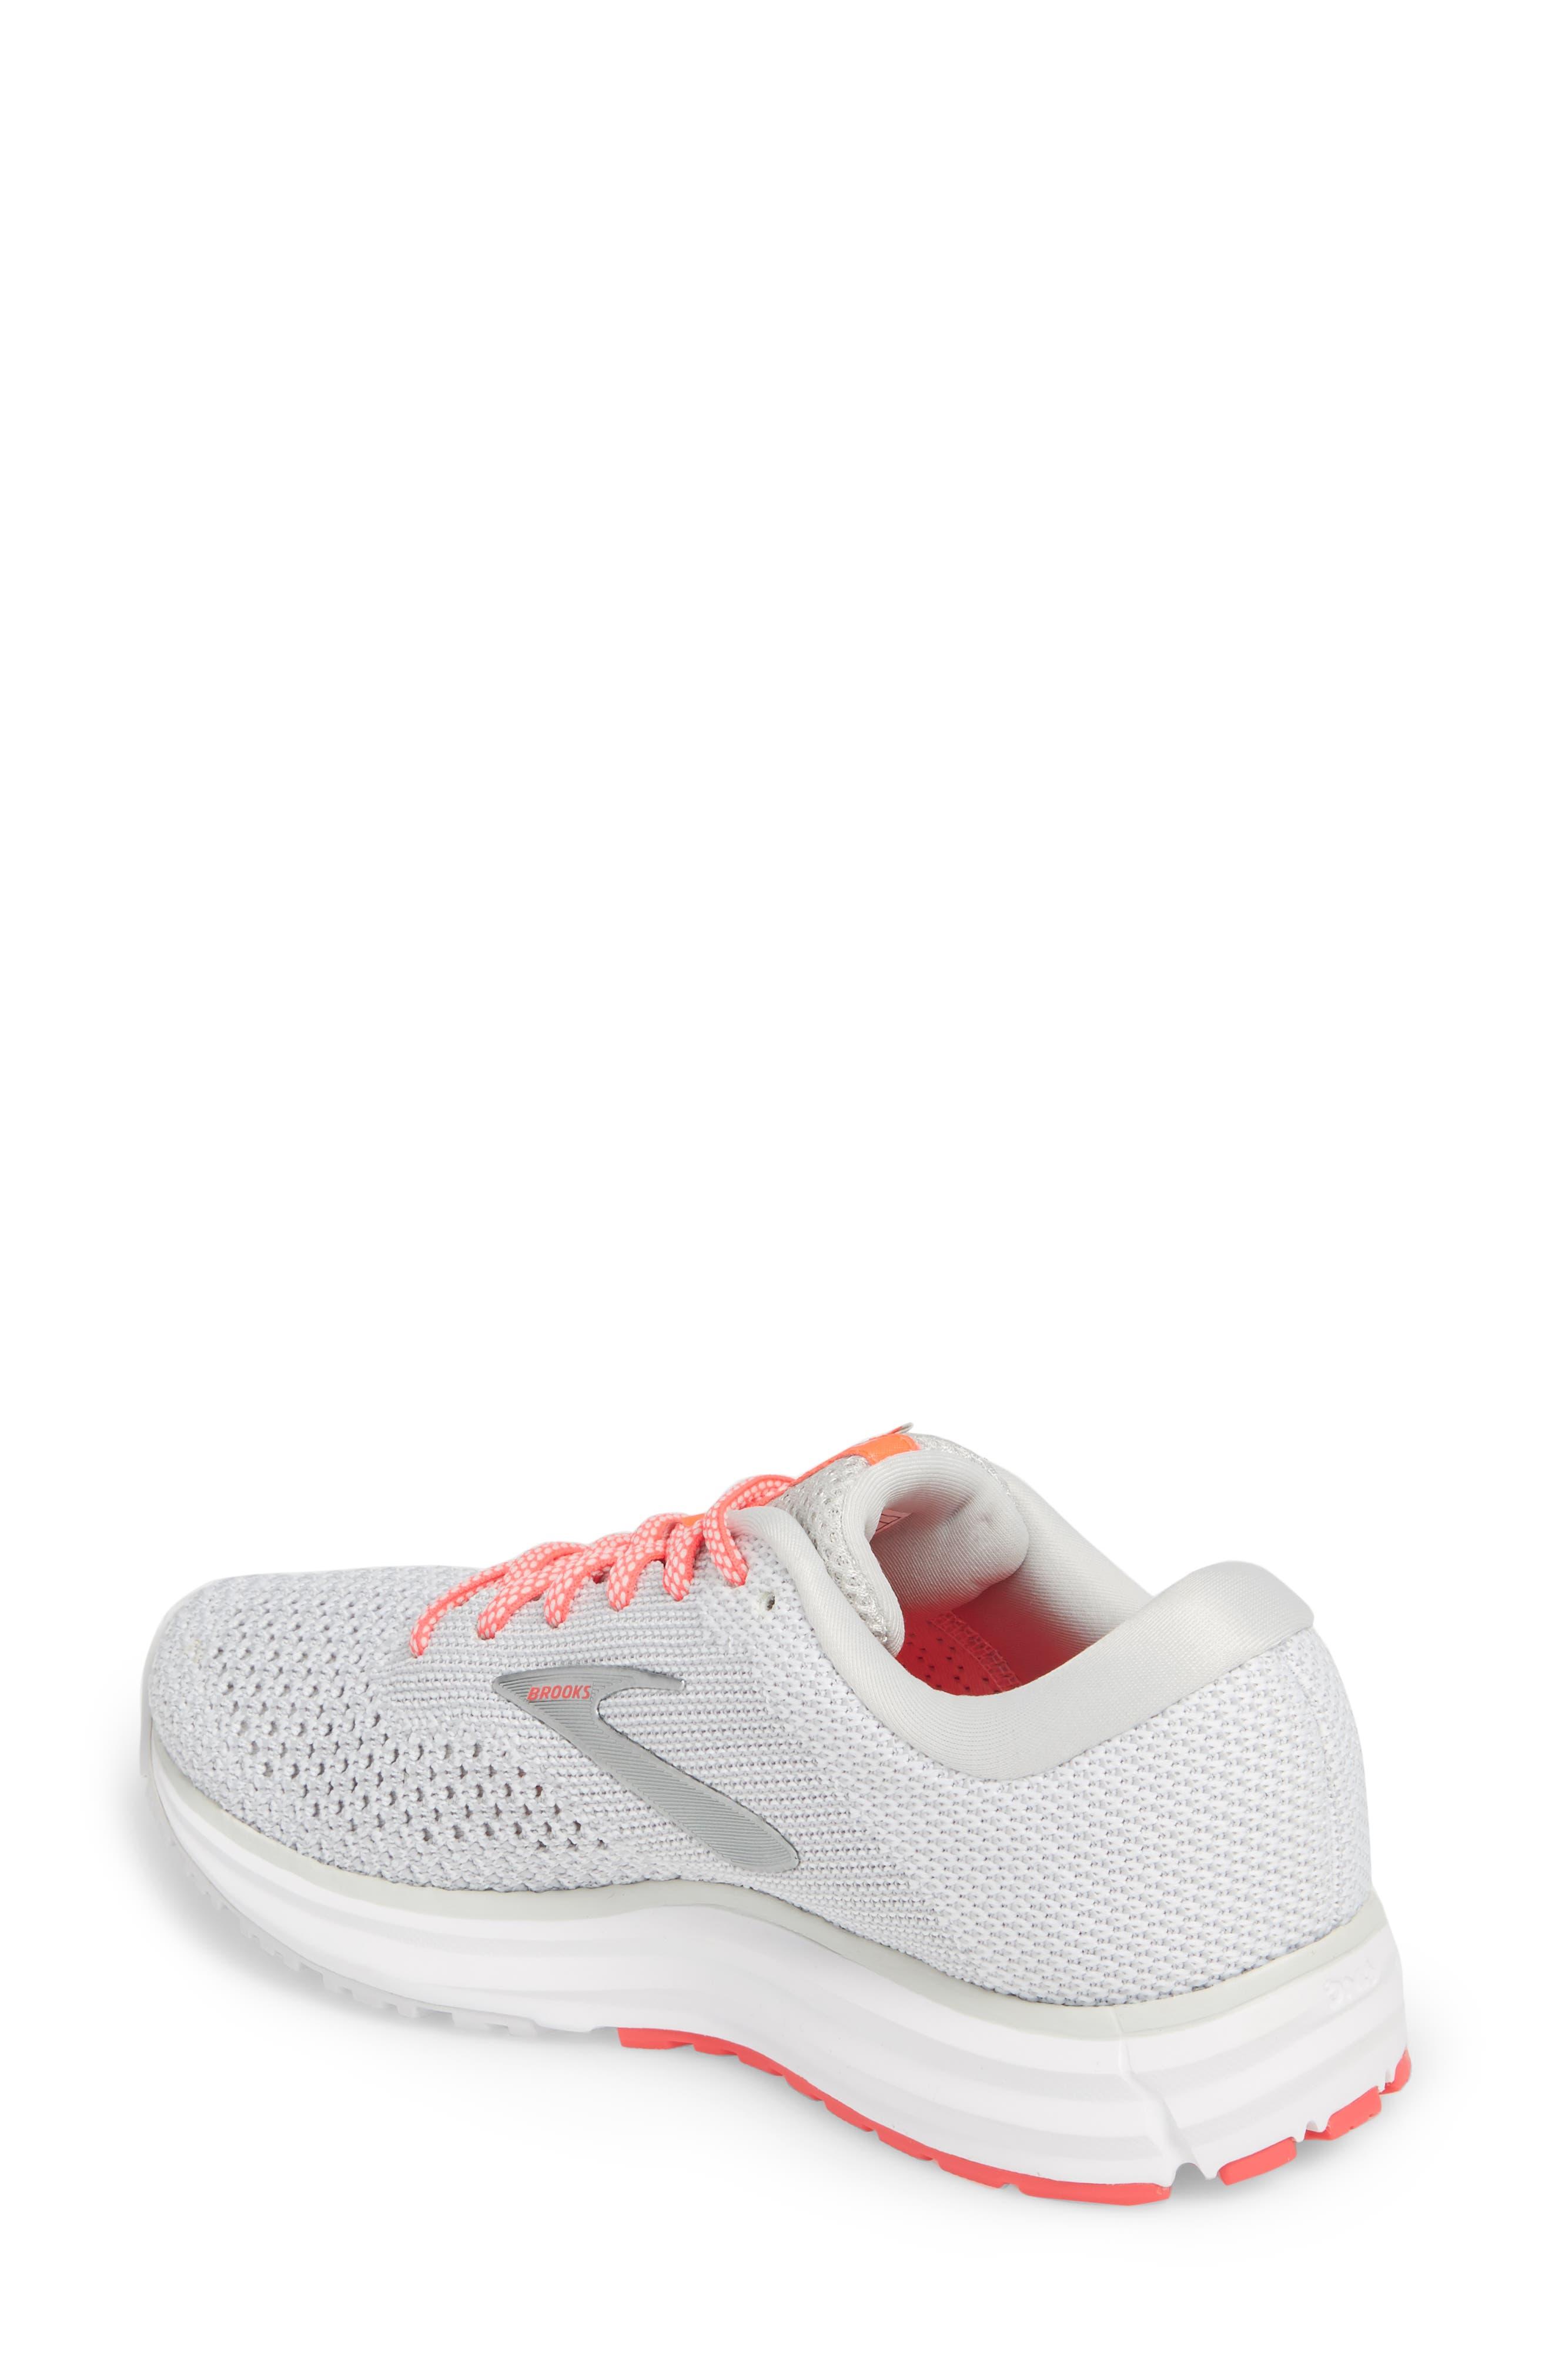 4d67b192b Women s Shoes Sale